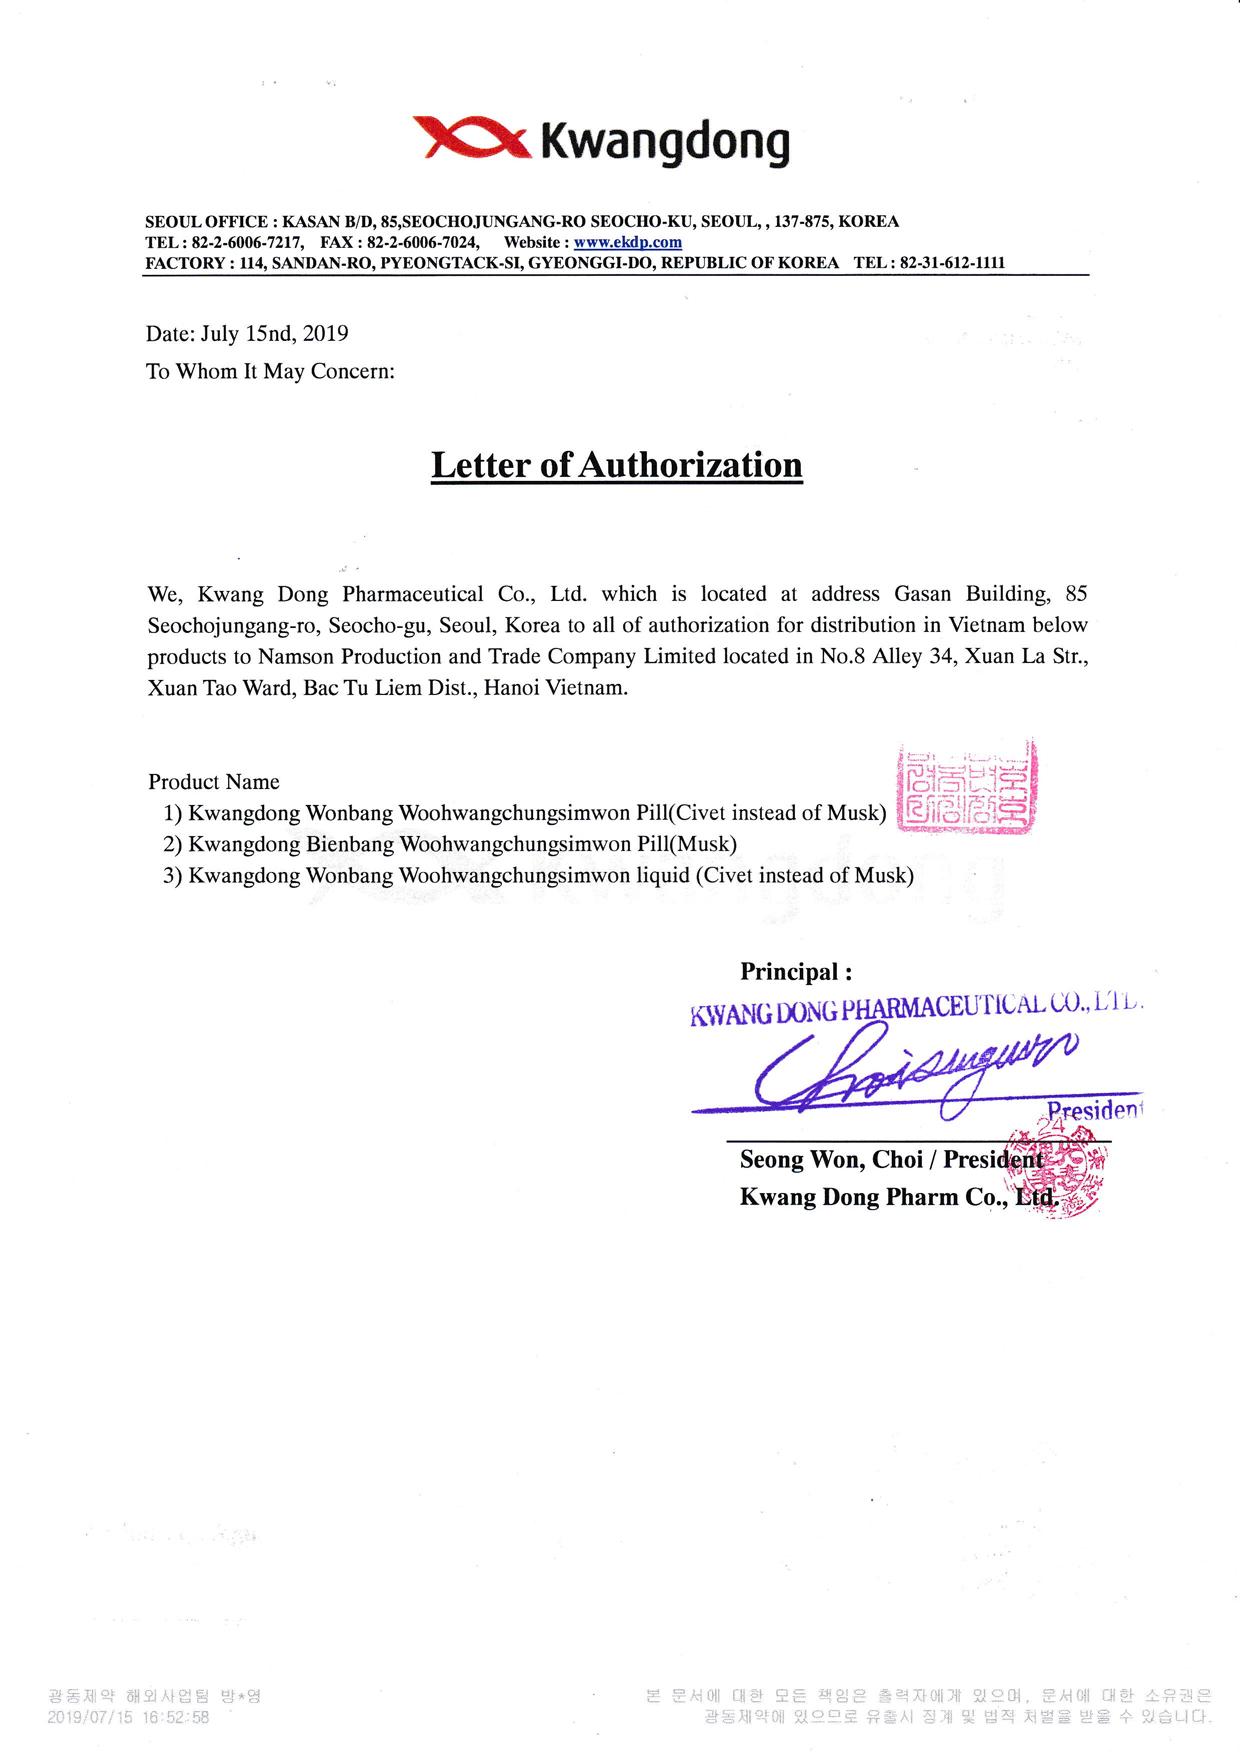 Thư ủy quyền sỡ hữu trí tuệ sản phẩm Kwangdong Woohwang Chungsimwon